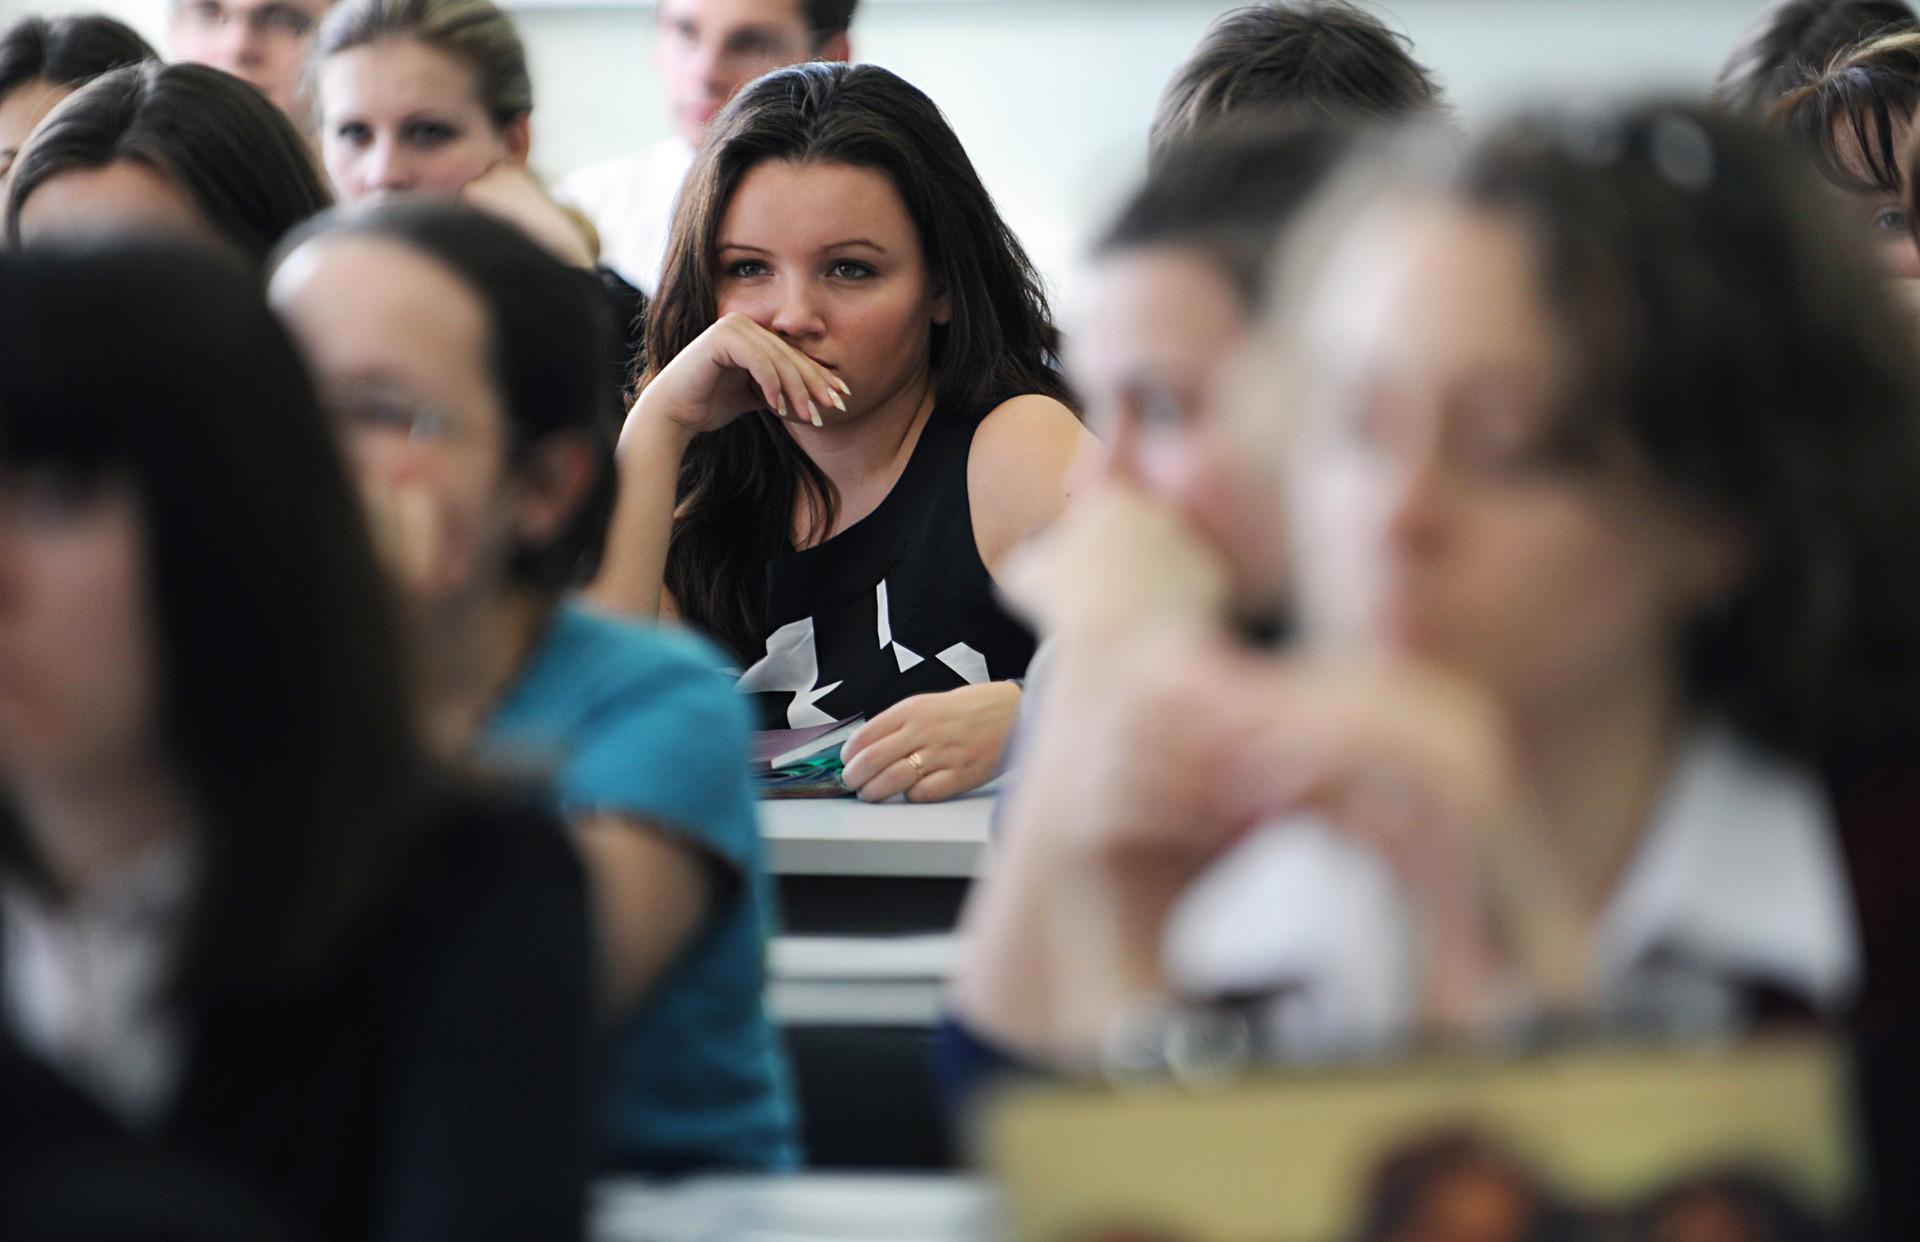 Студенти от философския факултет на Московския държавен университет